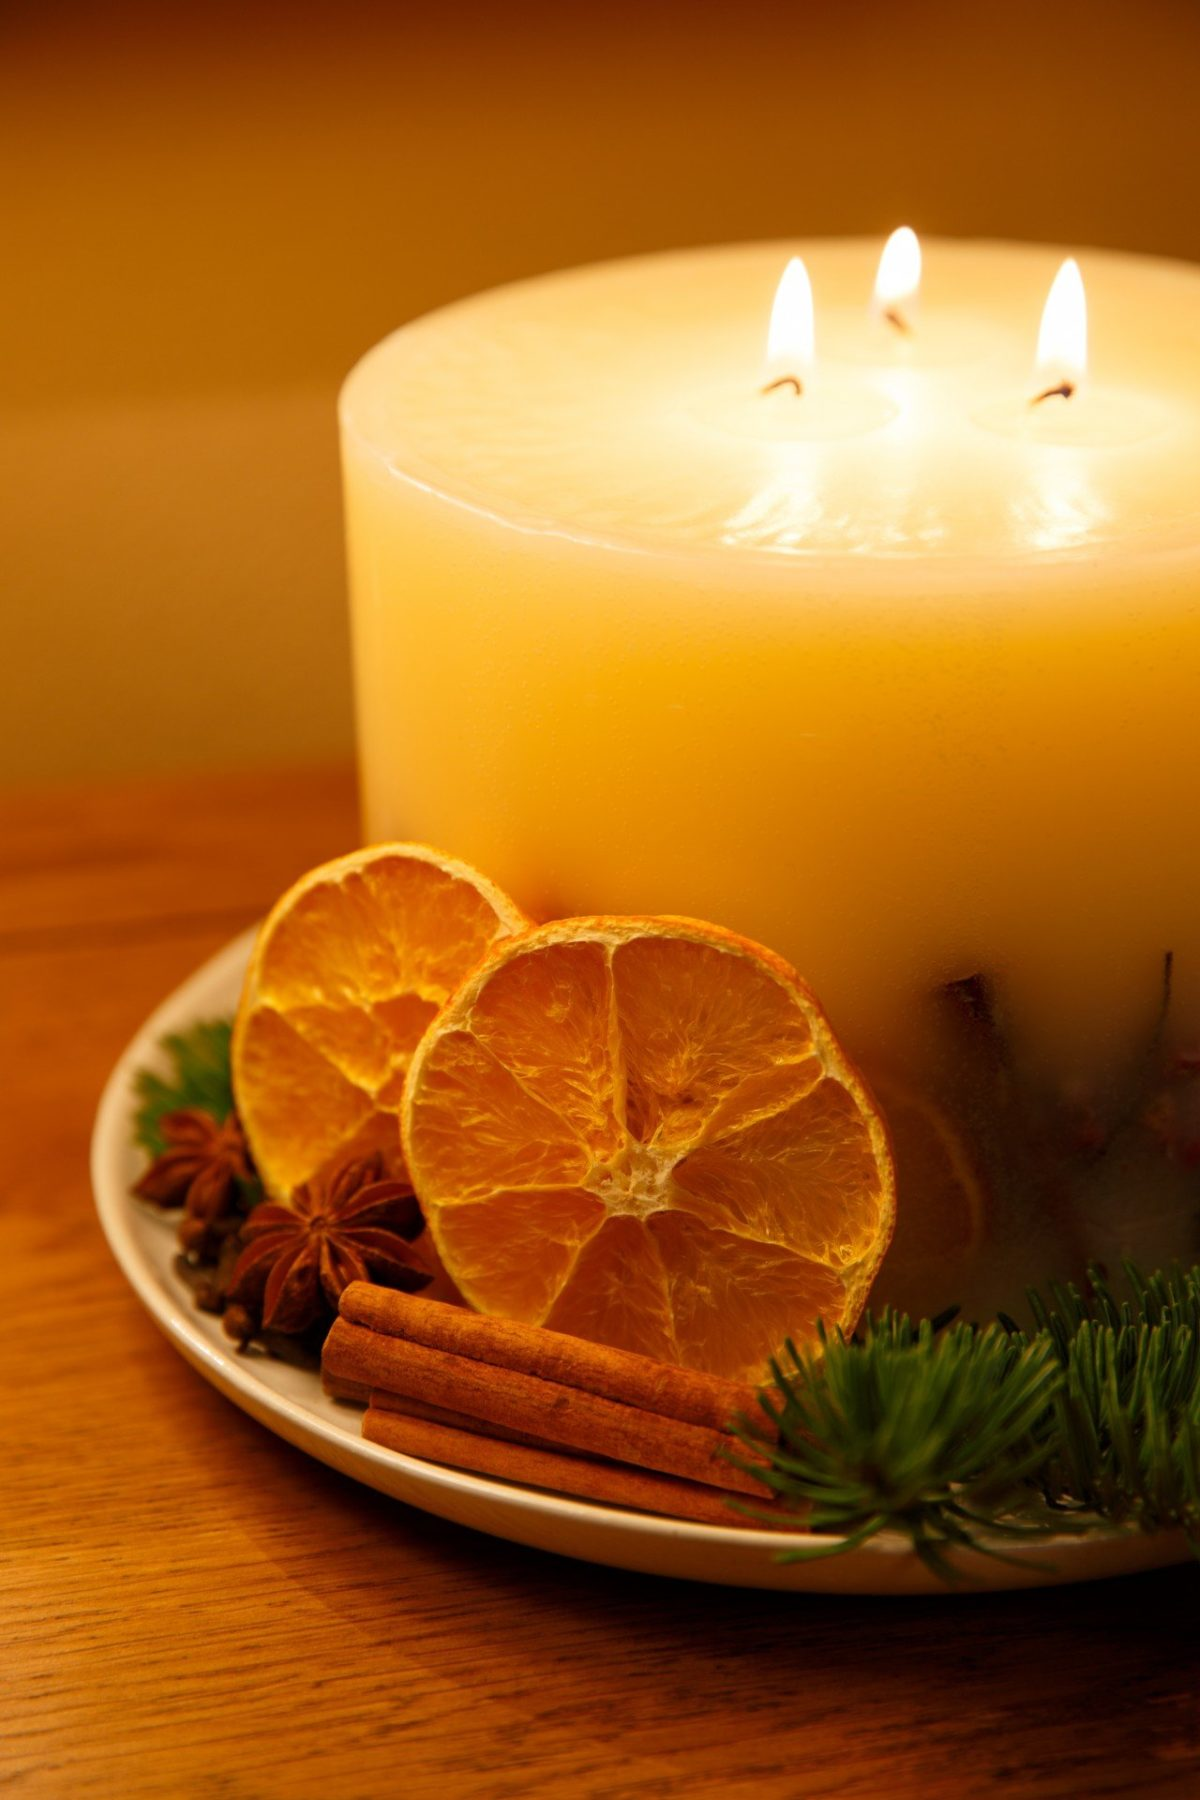 9 astuces pour éliminer l'odeur de brûlé dans la maison